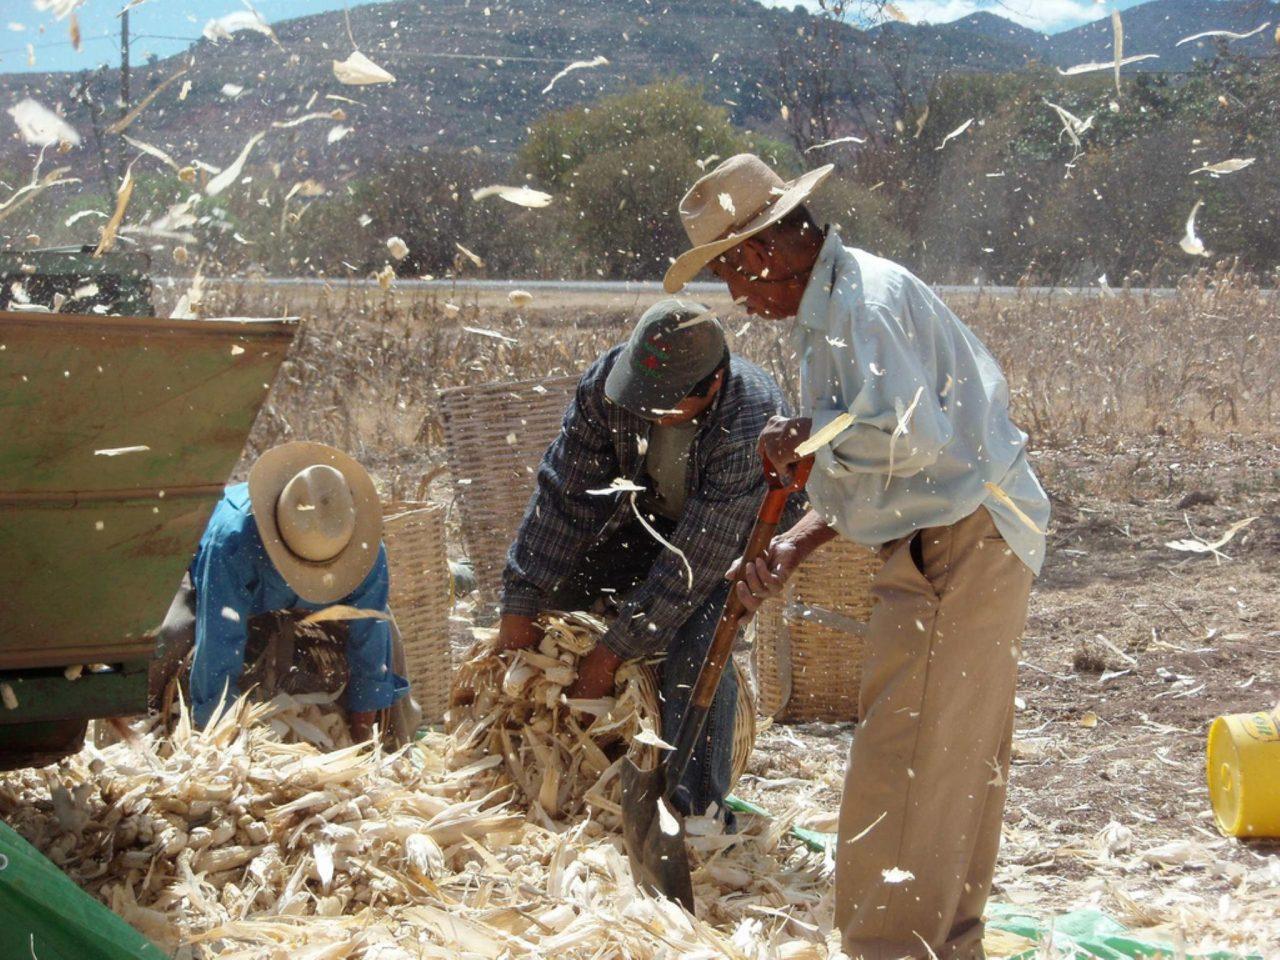 Actividad económica de México retrocede 0.3% por sector agrícola